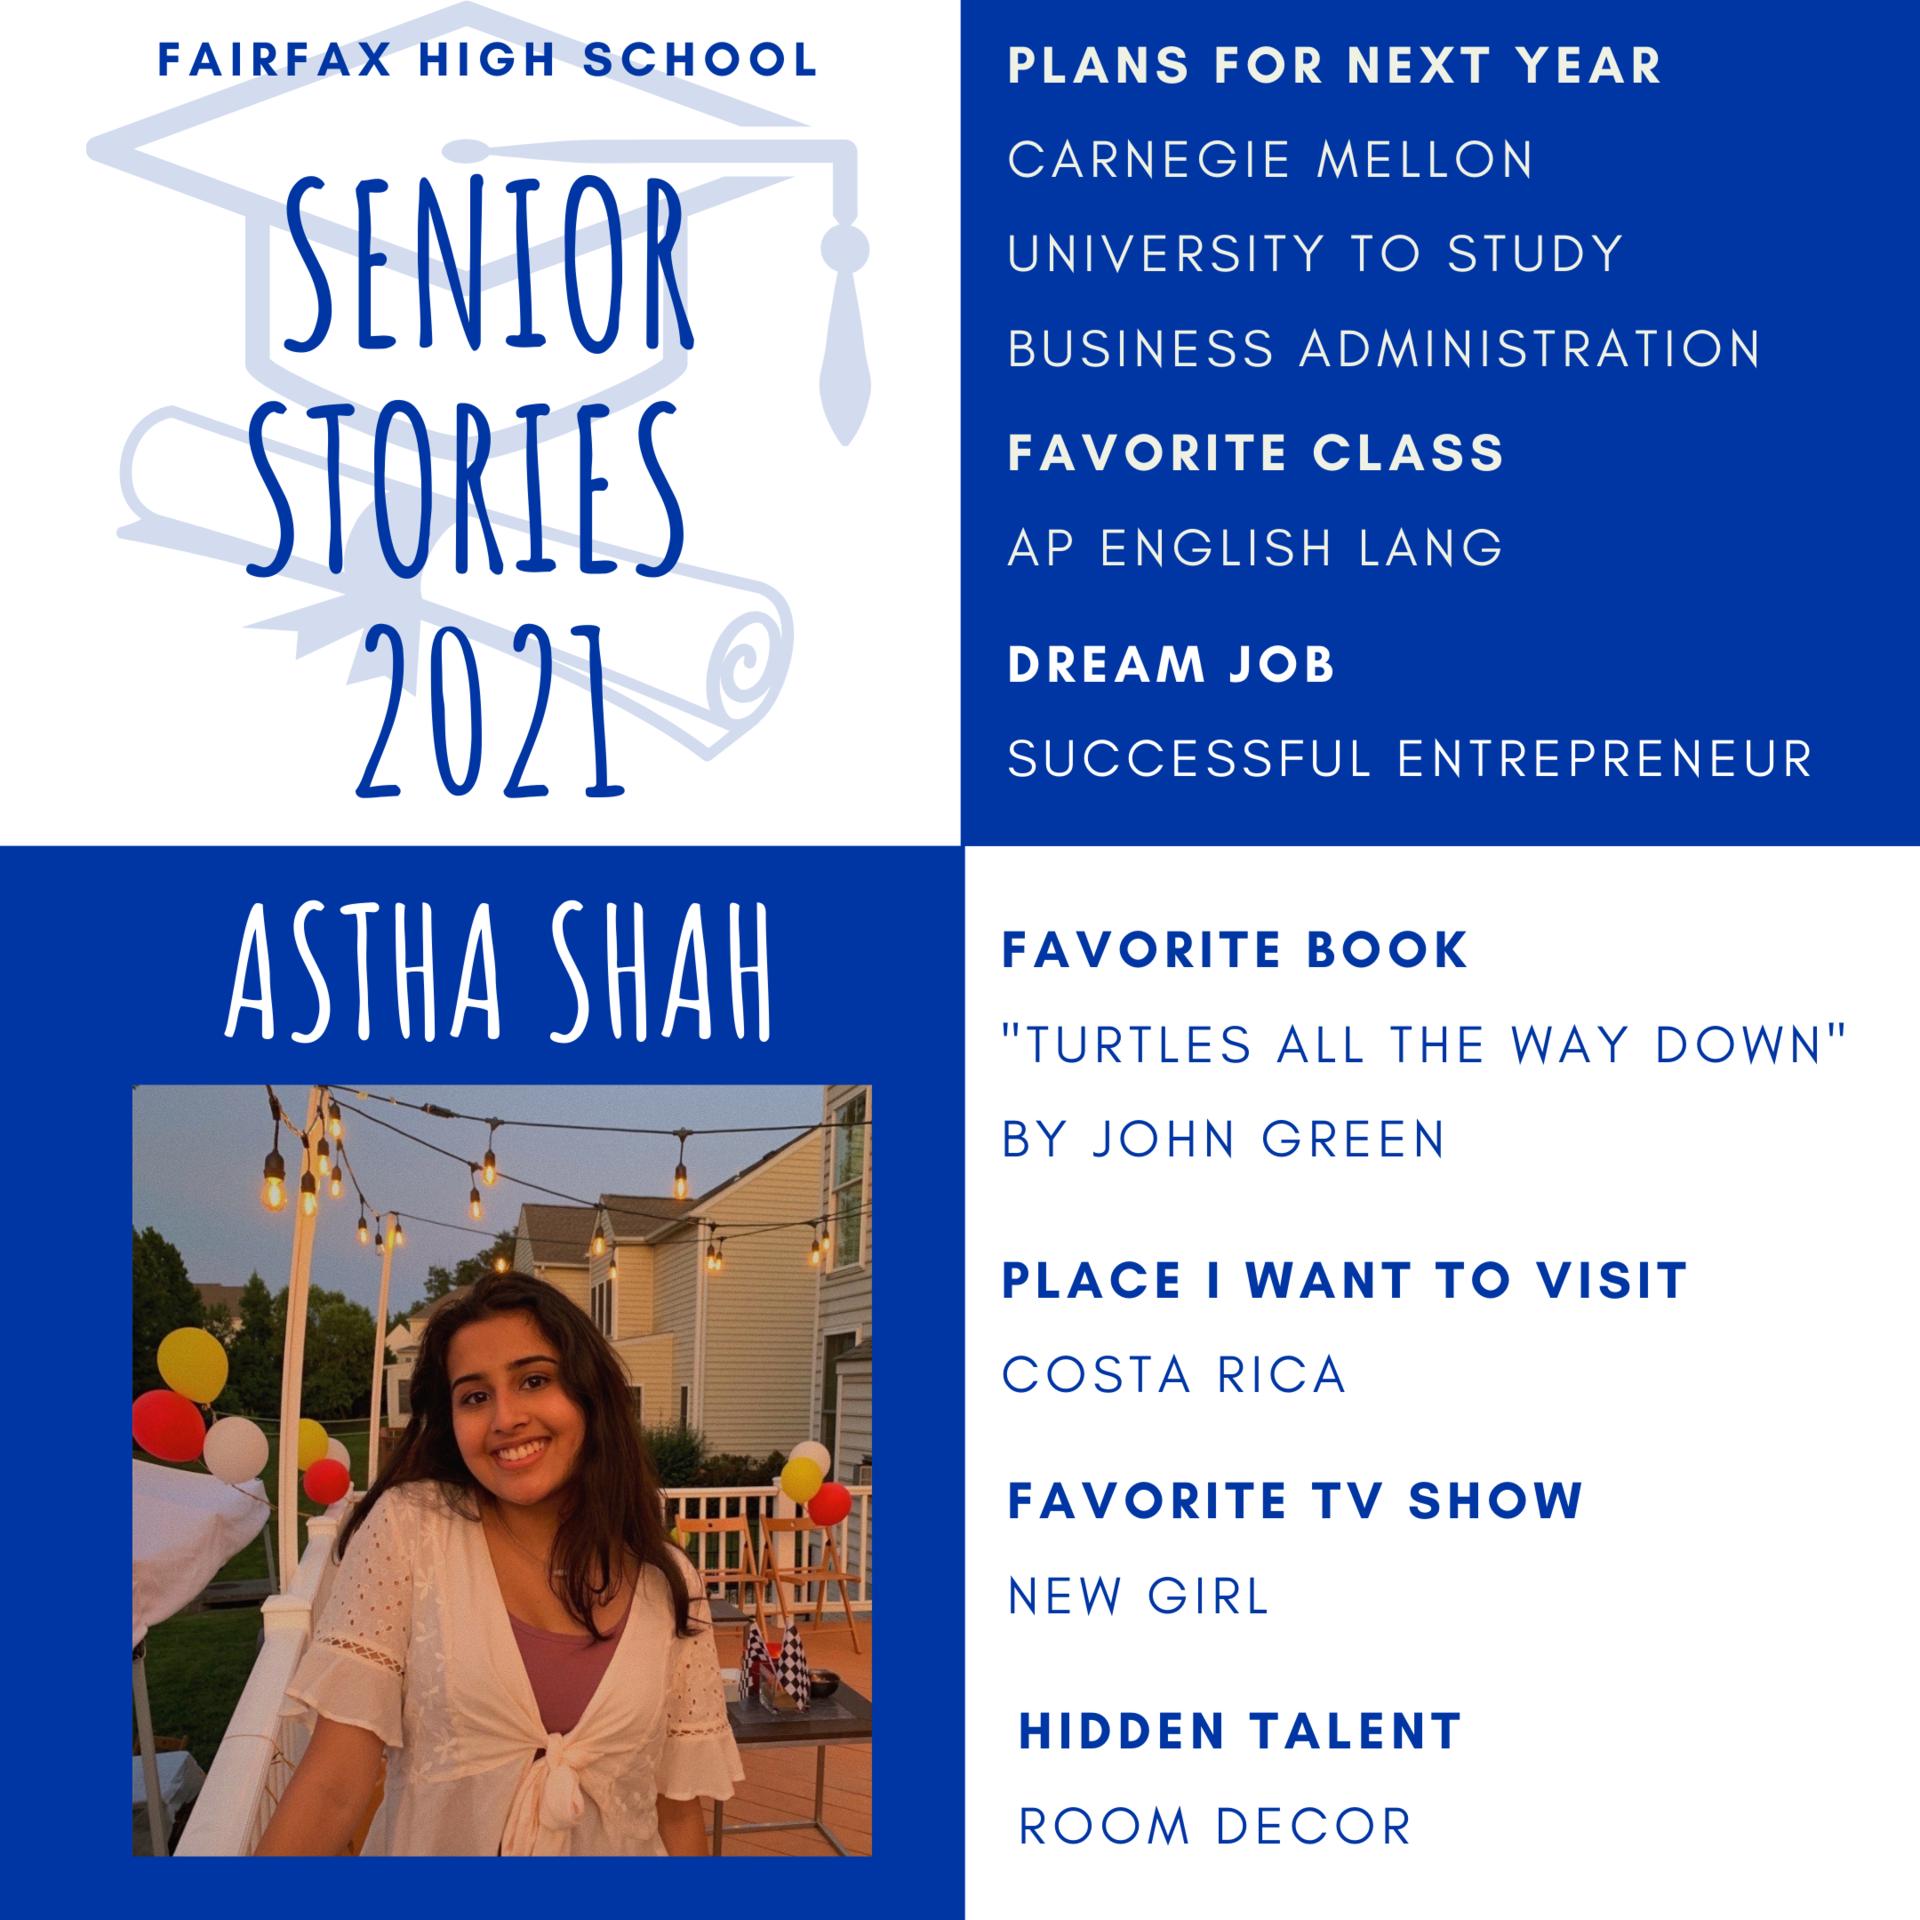 astha shah photos